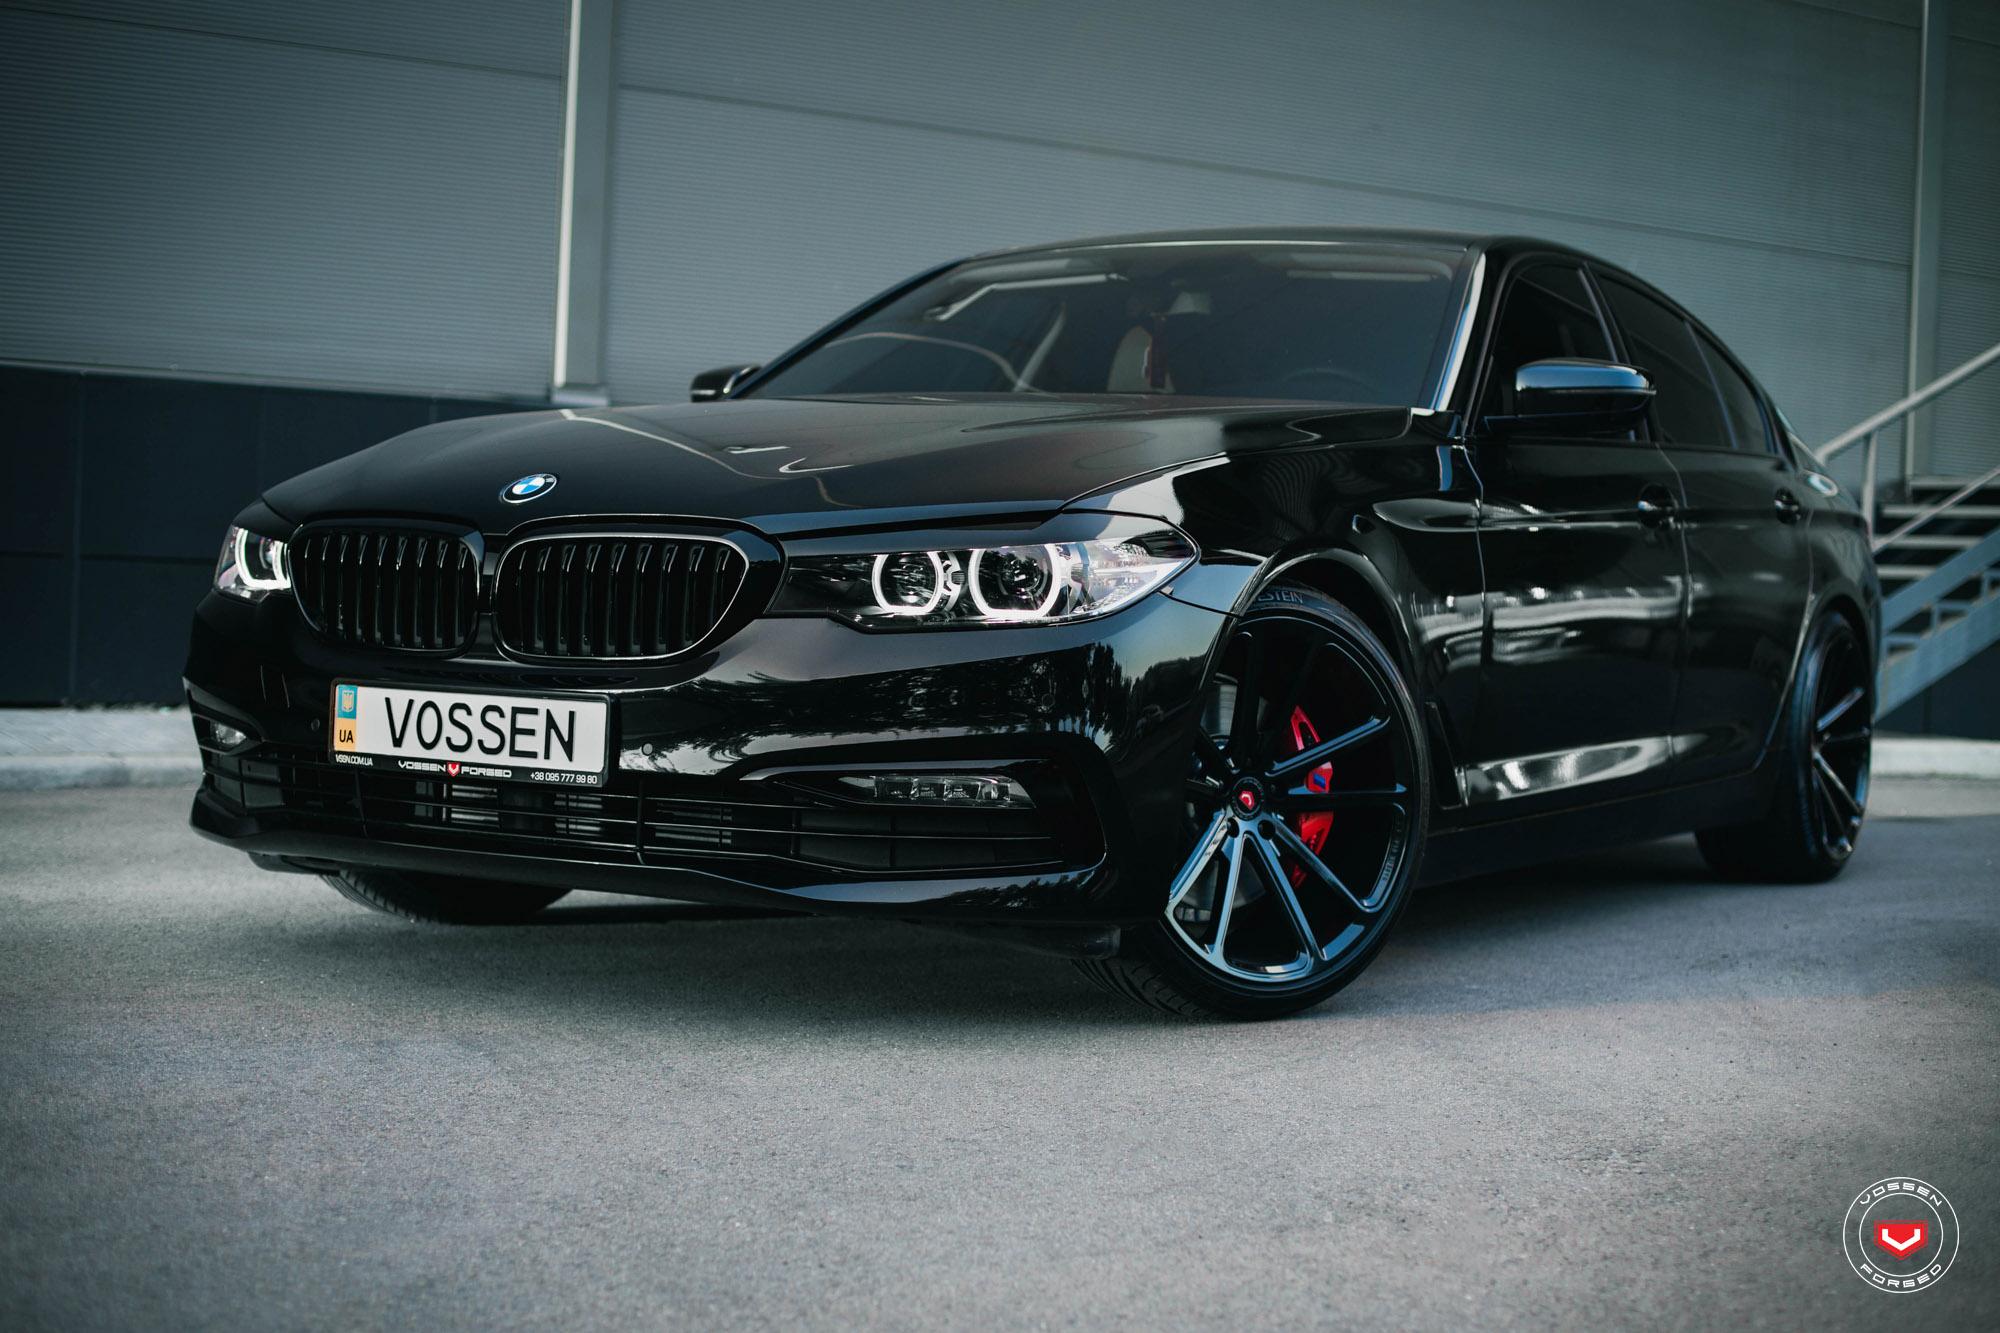 Carbon Black Metallic G30 Bmw 5 Series With Vossen Wheels